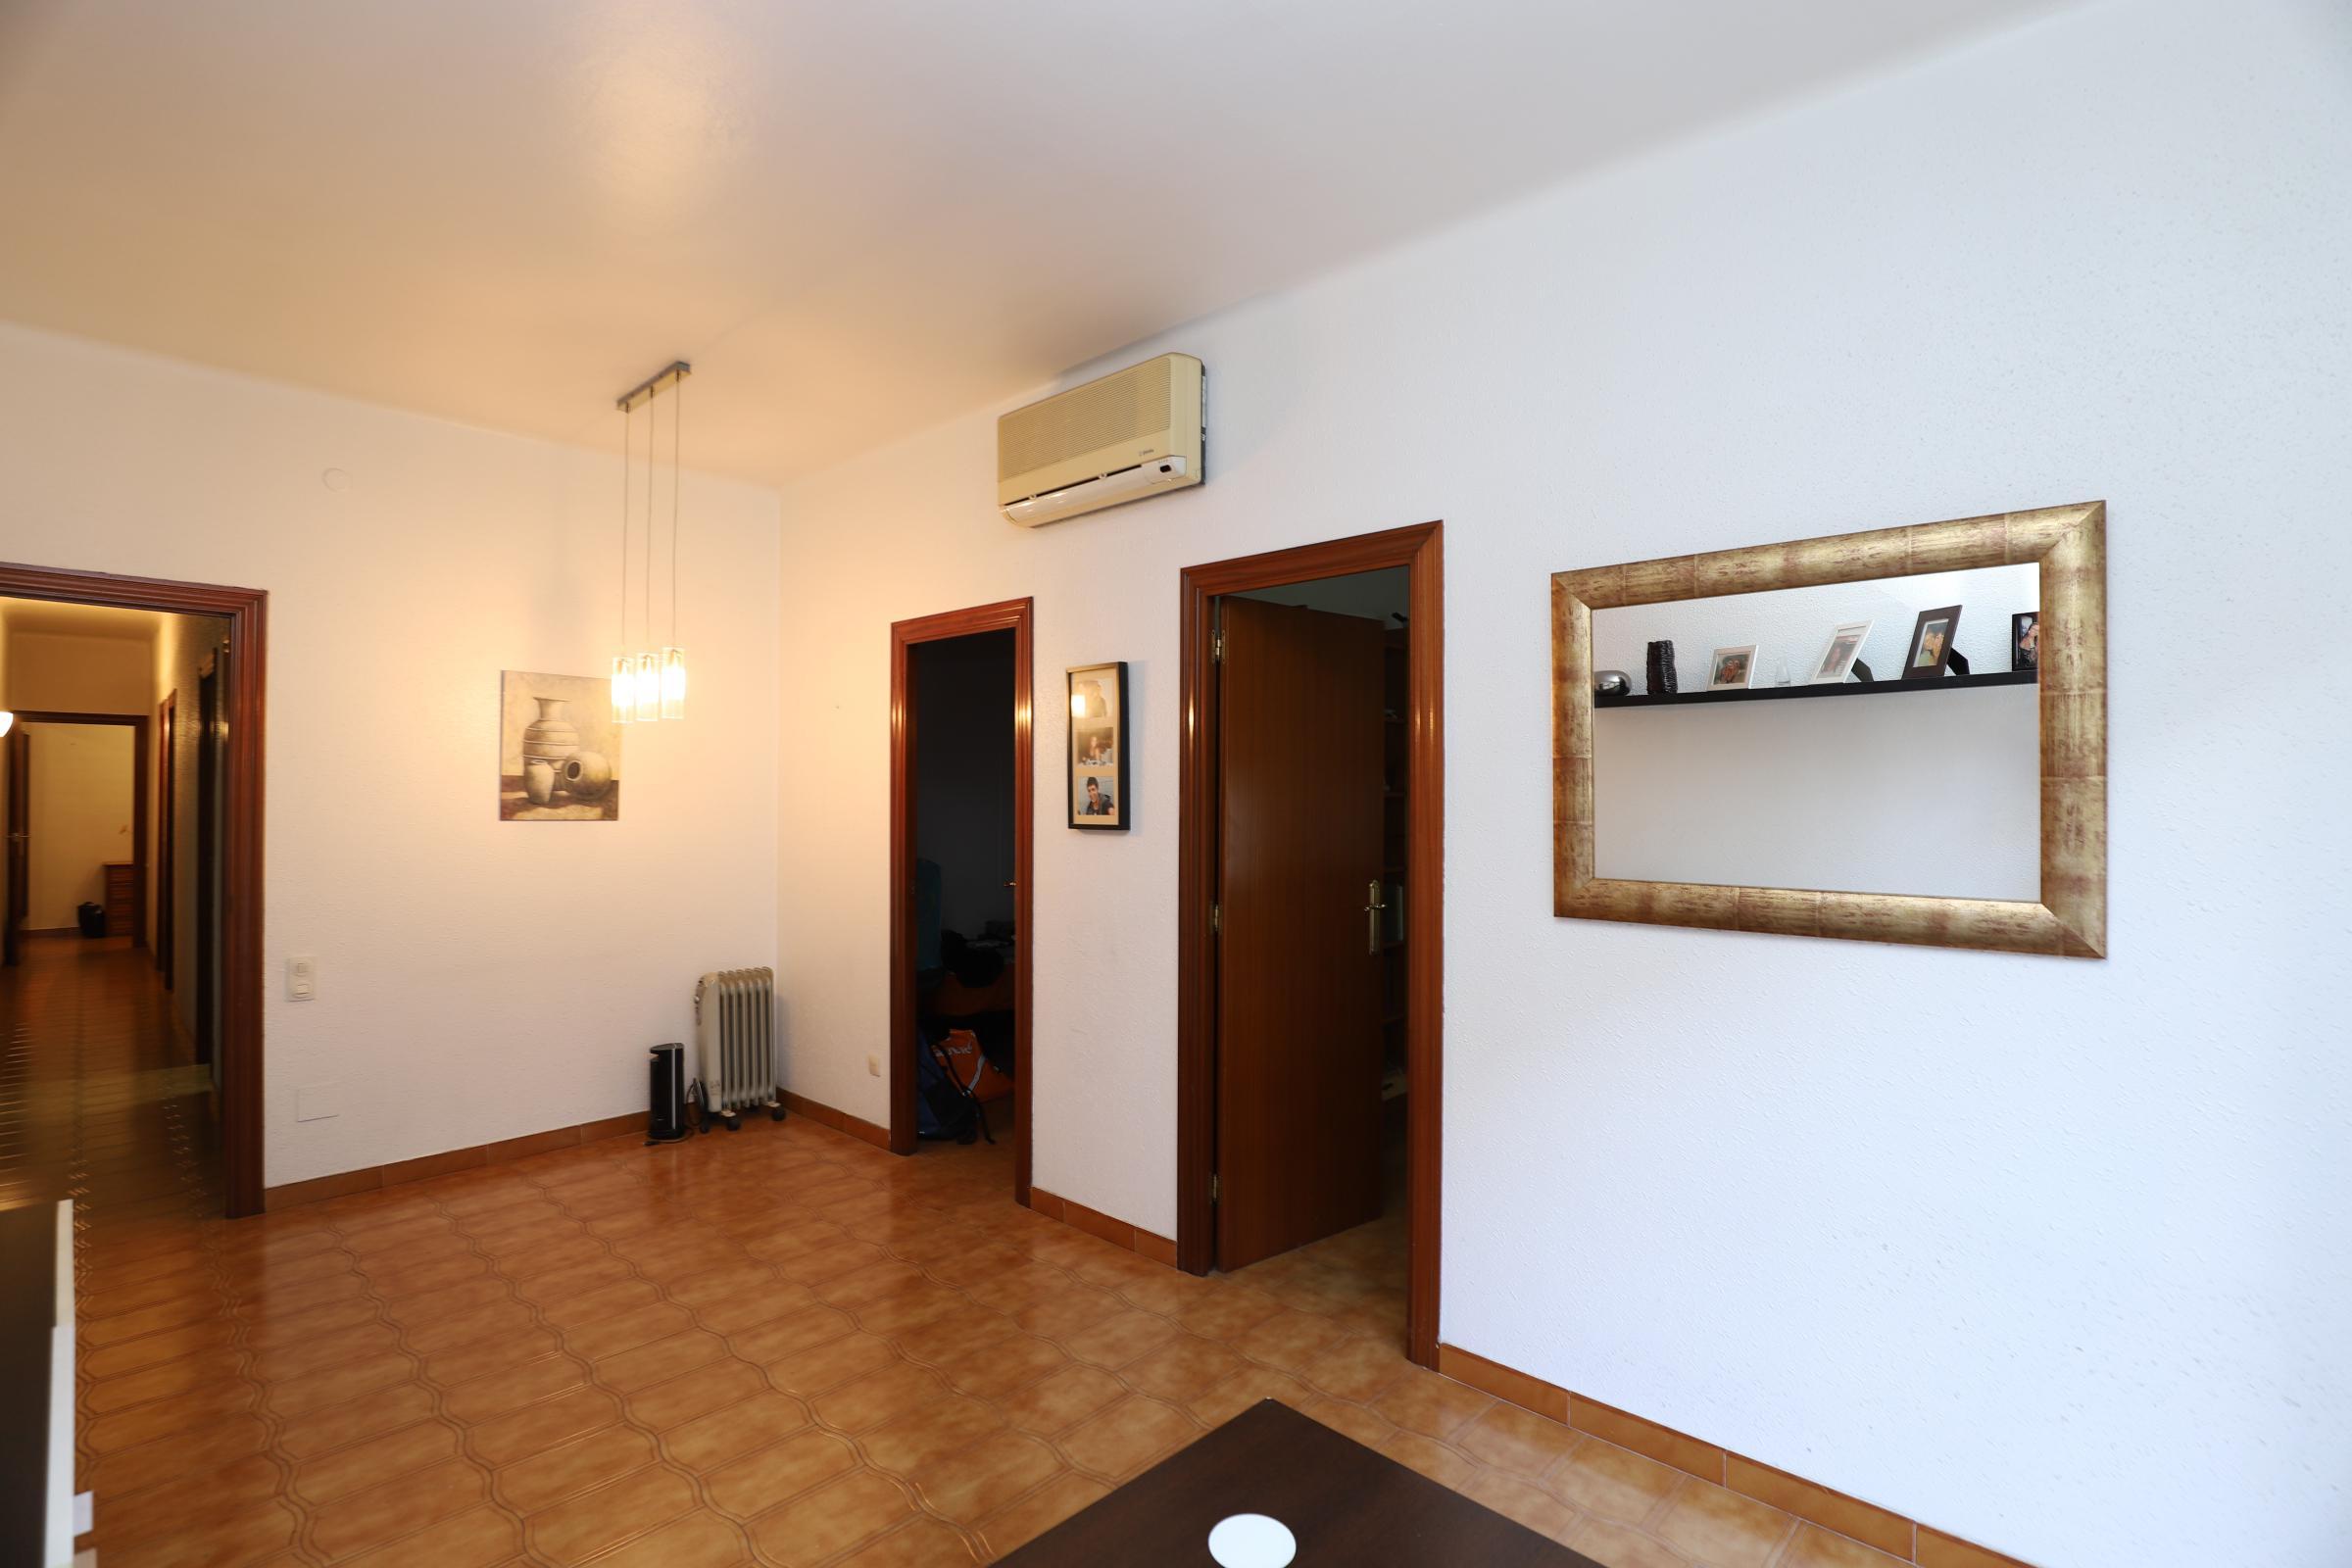 Imagen 4 Piso en venta en Esplugues De Llobregat / Cerca Casal de cultura Robert Brillas